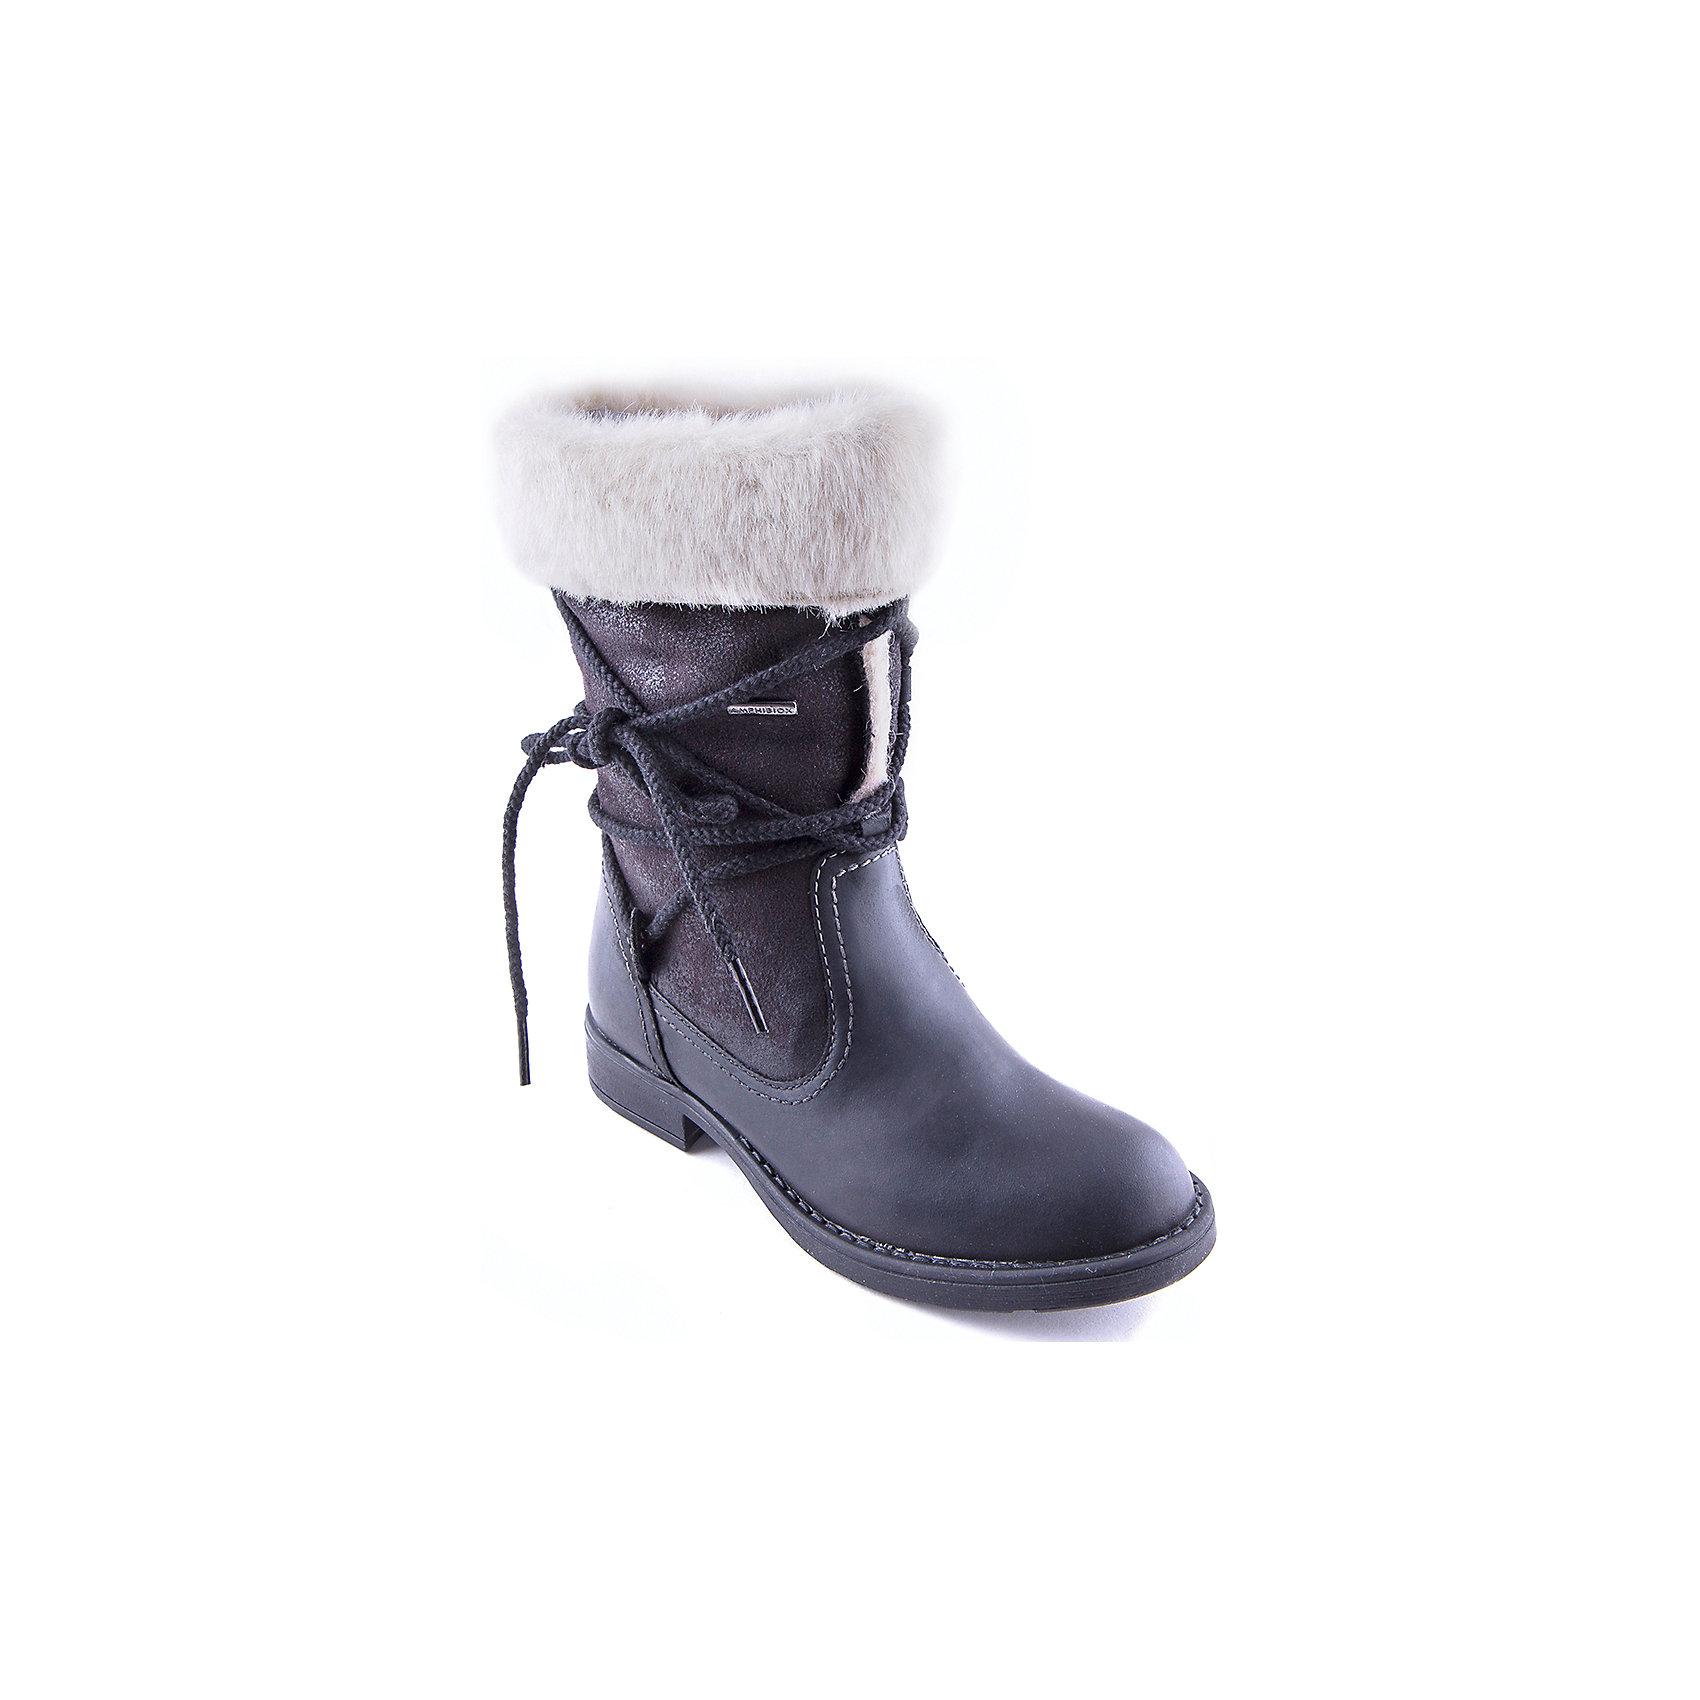 Сапоги для девочки GEOXСапоги<br>Сапоги для девочки от популярной марки GEOX.<br><br>Оригинальные сапоги сделаны по уникальной технологии. <br>Производитель обуви GEOX разработал специальную дышащую подошву, которая не пропускает влагу внутрь, а также высокотехнологичную стельку. При производстве этих полусапожек была задействована технология Amphibiox, делающая обувь непромокаемой. <br><br>Отличительные особенности модели:<br><br>- цвет: черный;<br>- украшены необычной шнуровкой и меховыми отворотами;<br>- гибкая водоотталкивающая подошва с дышащей мембраной;<br>- утепленная стелька;<br>- мягкий и легкий верх;<br>- защита пятки и пальцев;<br>- эргономичная форма;<br>- удобная застежка-молния сбоку;<br>- комфортное облегание;<br>- ударопрочная антибактериальная стелька;<br>- защита от промокания - технология Amphibiox;<br>- верх обуви и подкладка сделаны без использования хрома.<br><br>Дополнительная информация:<br><br>- Температурный режим: от - 20° С  до -5° С.<br><br>- Состав:<br><br>материал верха: искусственная кожа, синтетический материал<br>материал подкладки: искусственный мех<br>подошва: полимер<br><br>Сапоги для девочки GEOX (Геокс) можно купить в нашем магазине.<br><br>Ширина мм: 257<br>Глубина мм: 180<br>Высота мм: 130<br>Вес г: 420<br>Цвет: черный<br>Возраст от месяцев: 108<br>Возраст до месяцев: 120<br>Пол: Женский<br>Возраст: Детский<br>Размер: 31,32,34,37,39,33,35,38,36<br>SKU: 4178834